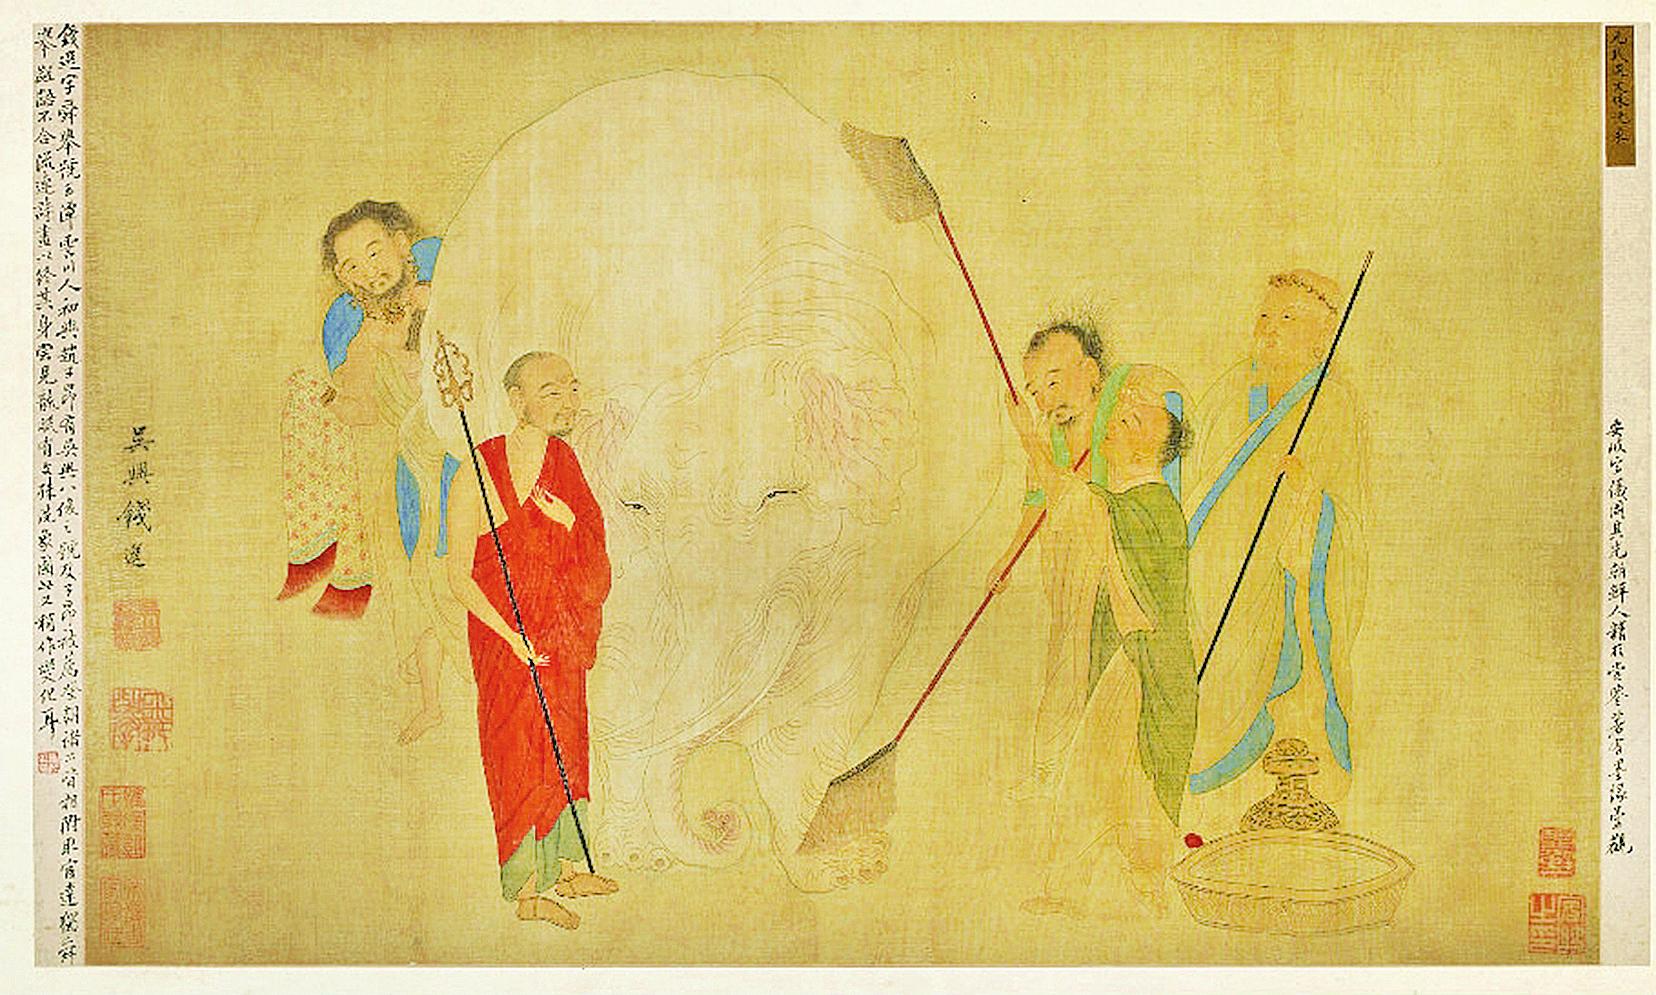 清佚名(傳元錢選)《洗象圖》,弗里爾美術館藏(公有領域)